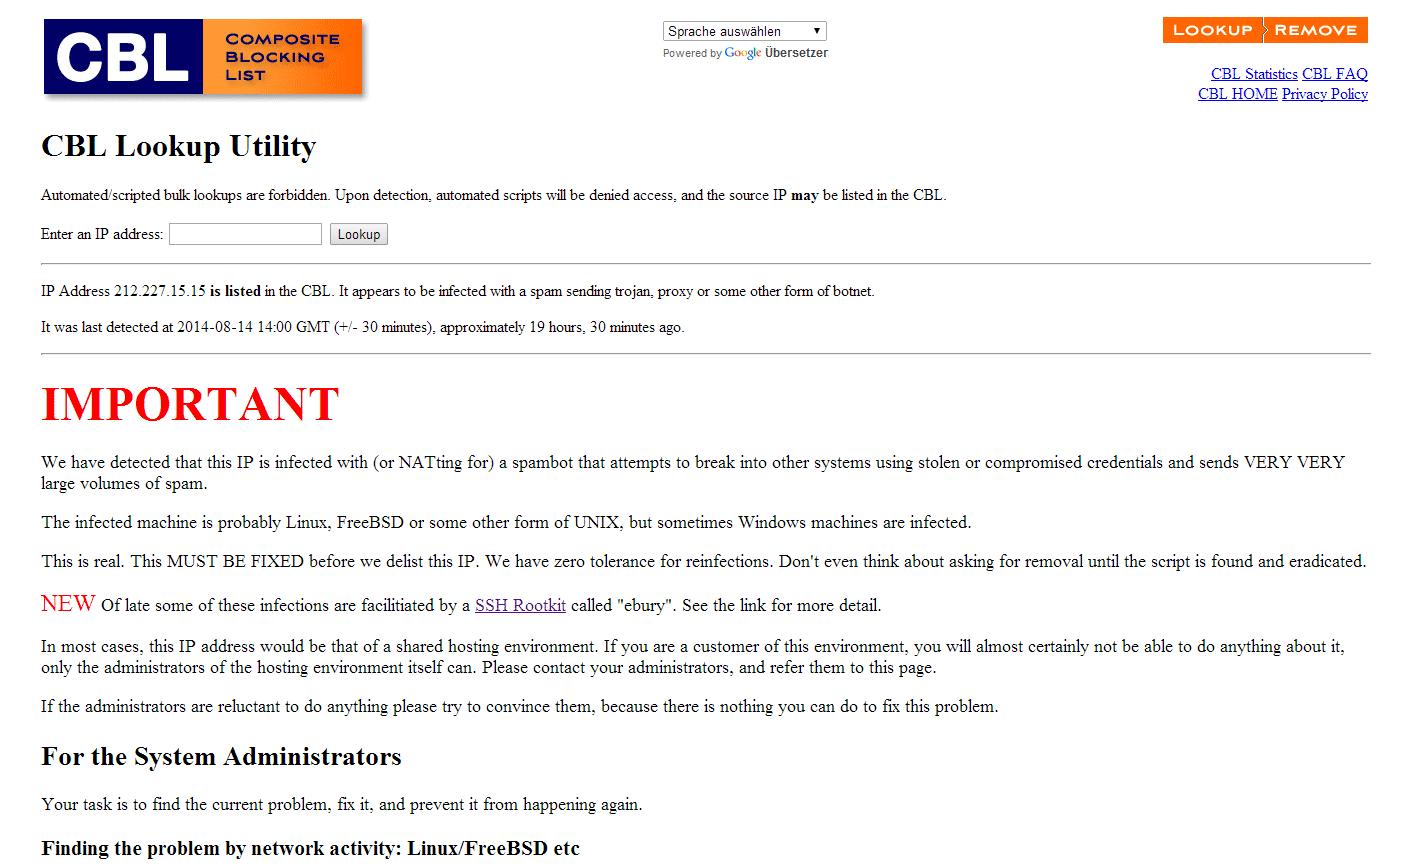 Die Mail-Server stehen unter Verdacht, SEHR SEHR viel Spam versendet zu haben.